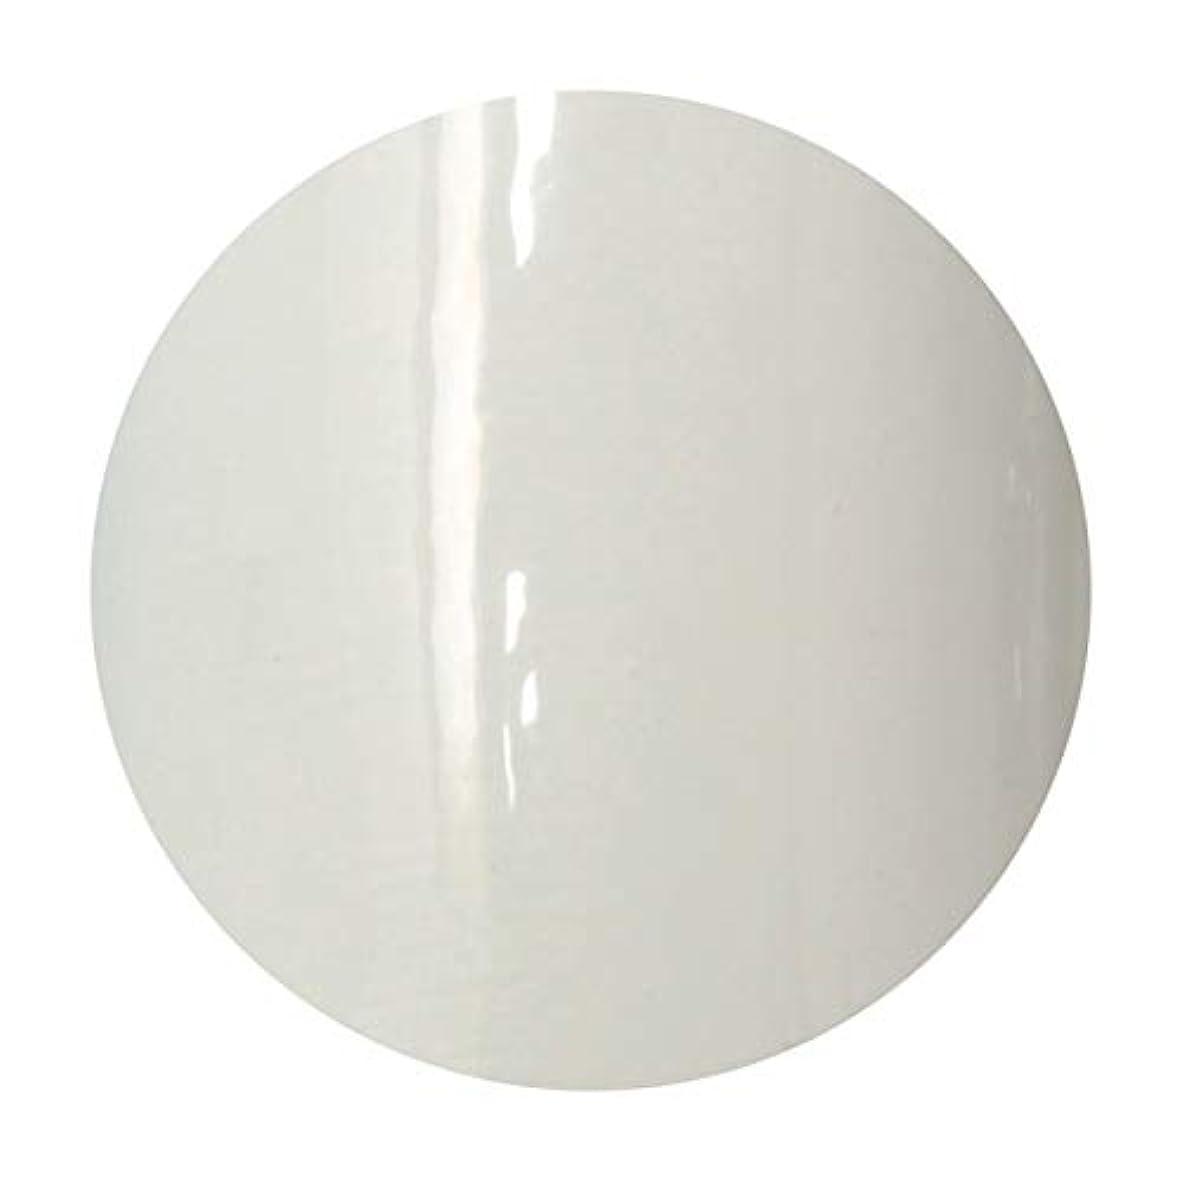 ミス不利益公式T-GEL COLLECTION ティージェル カラージェル D218 ホワイトライナーEX 4ml